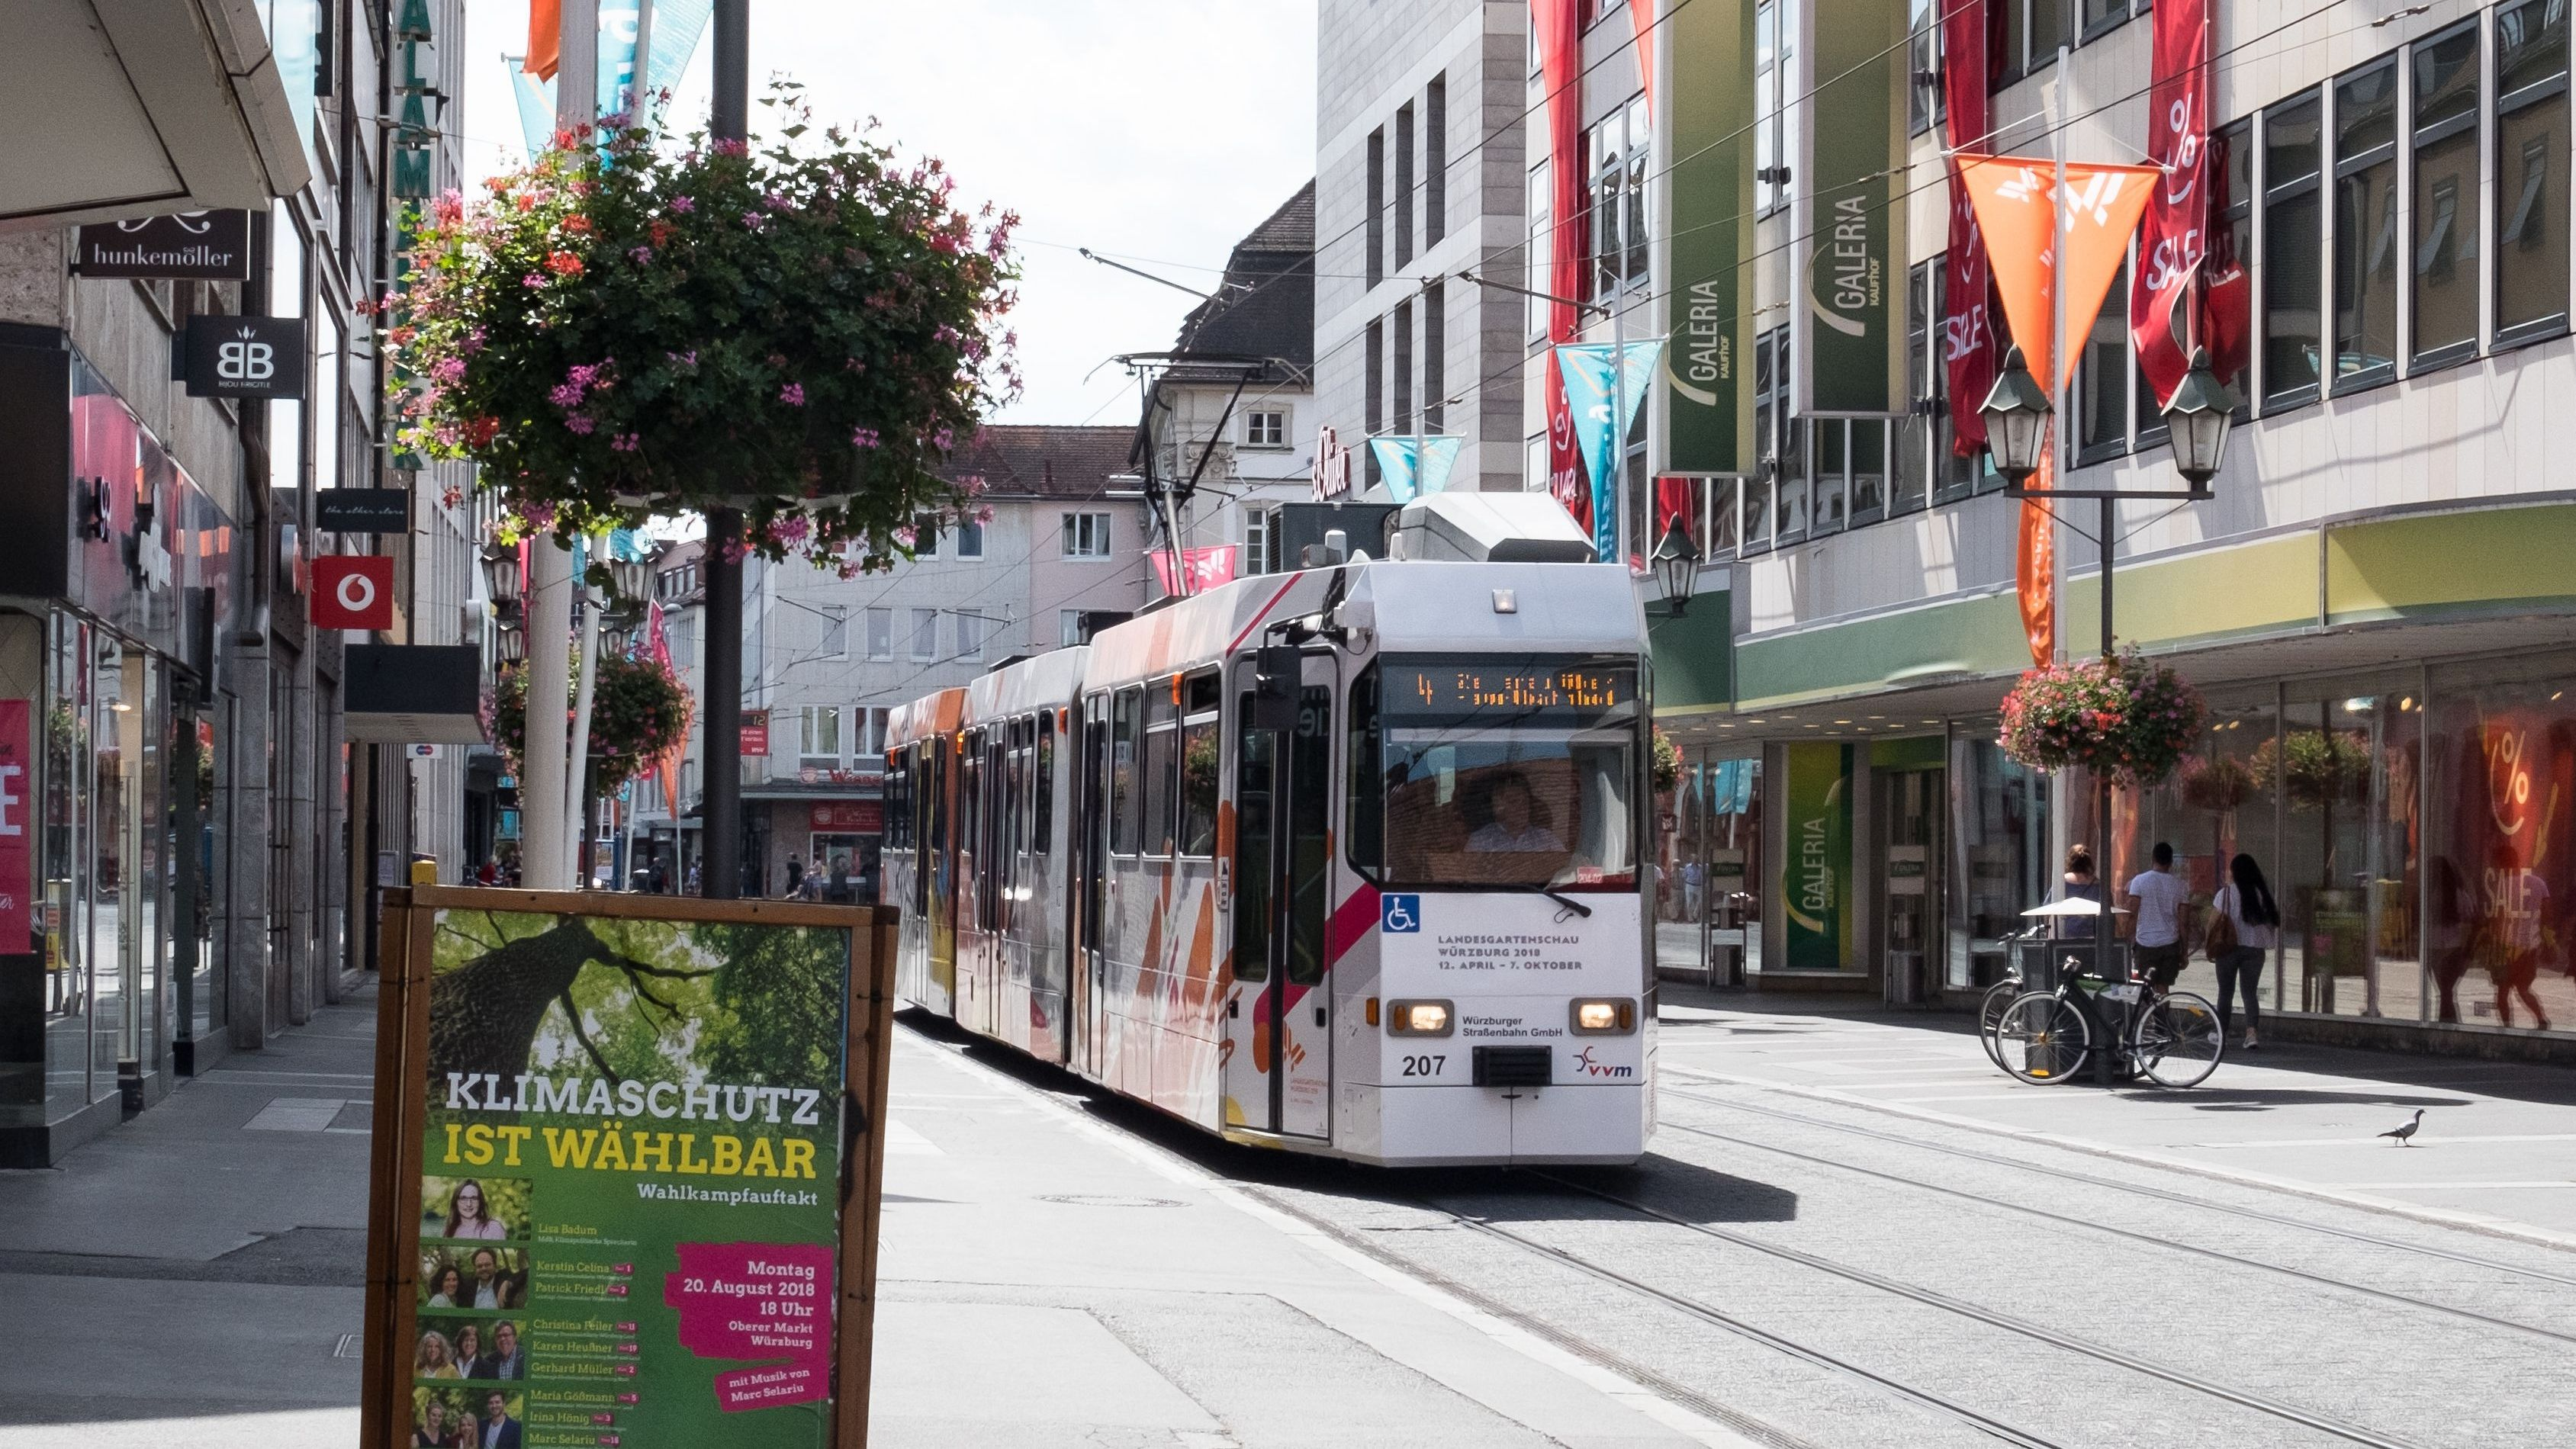 Straßenbahn in der Würzburger Innenstadt